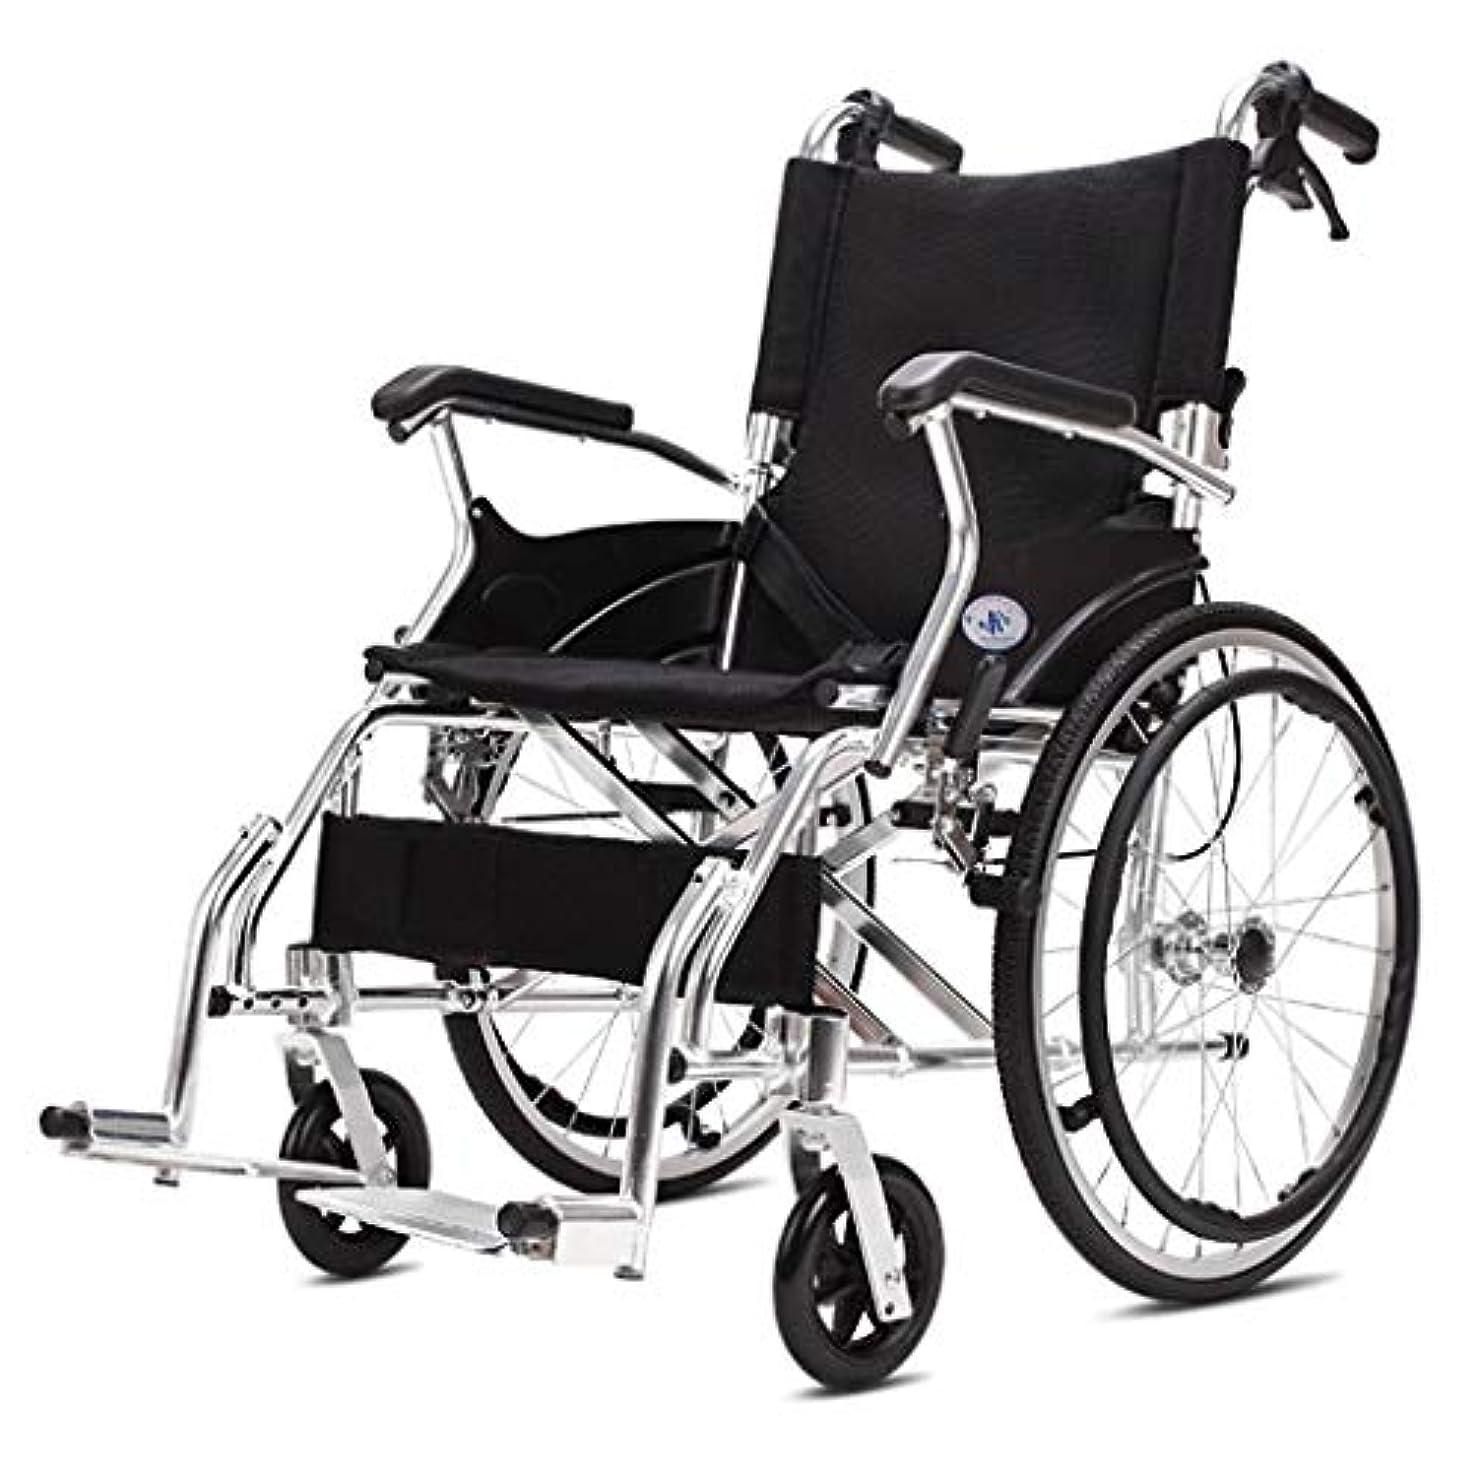 句子音ローラー車椅子多機能取り外し可能なレギンス、高齢者向けアルミニウム合金、身体障害者用旅行折りたたみ式ポータブルトロリー車椅子